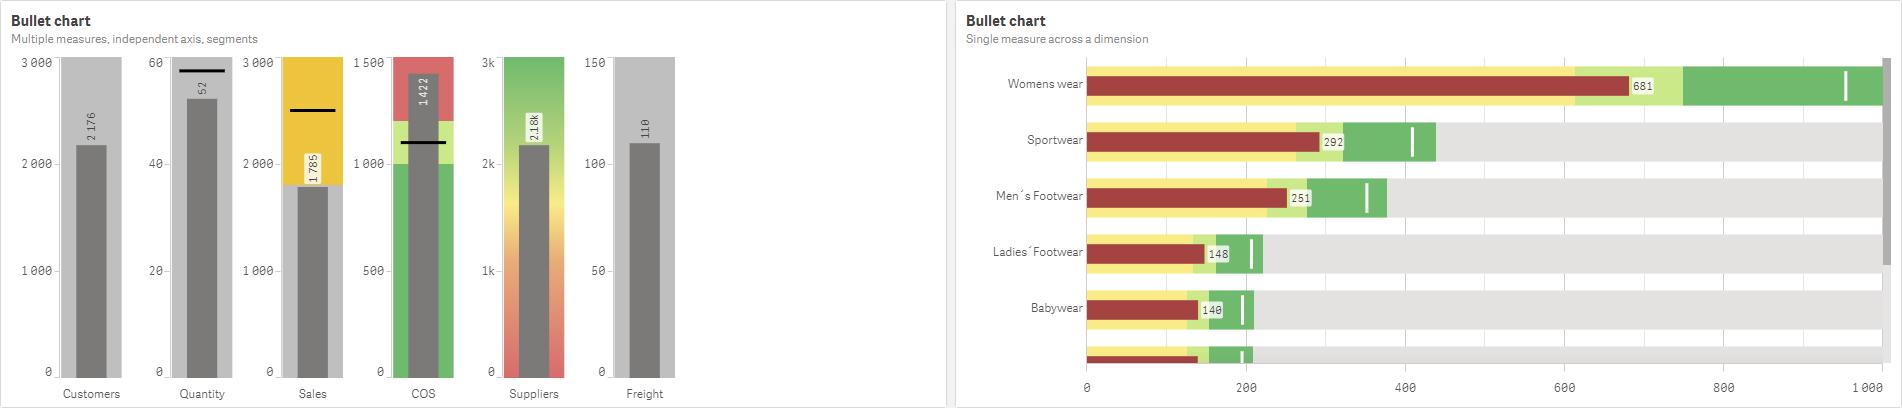 Qlik Sense June 2020 - Bullet Chart